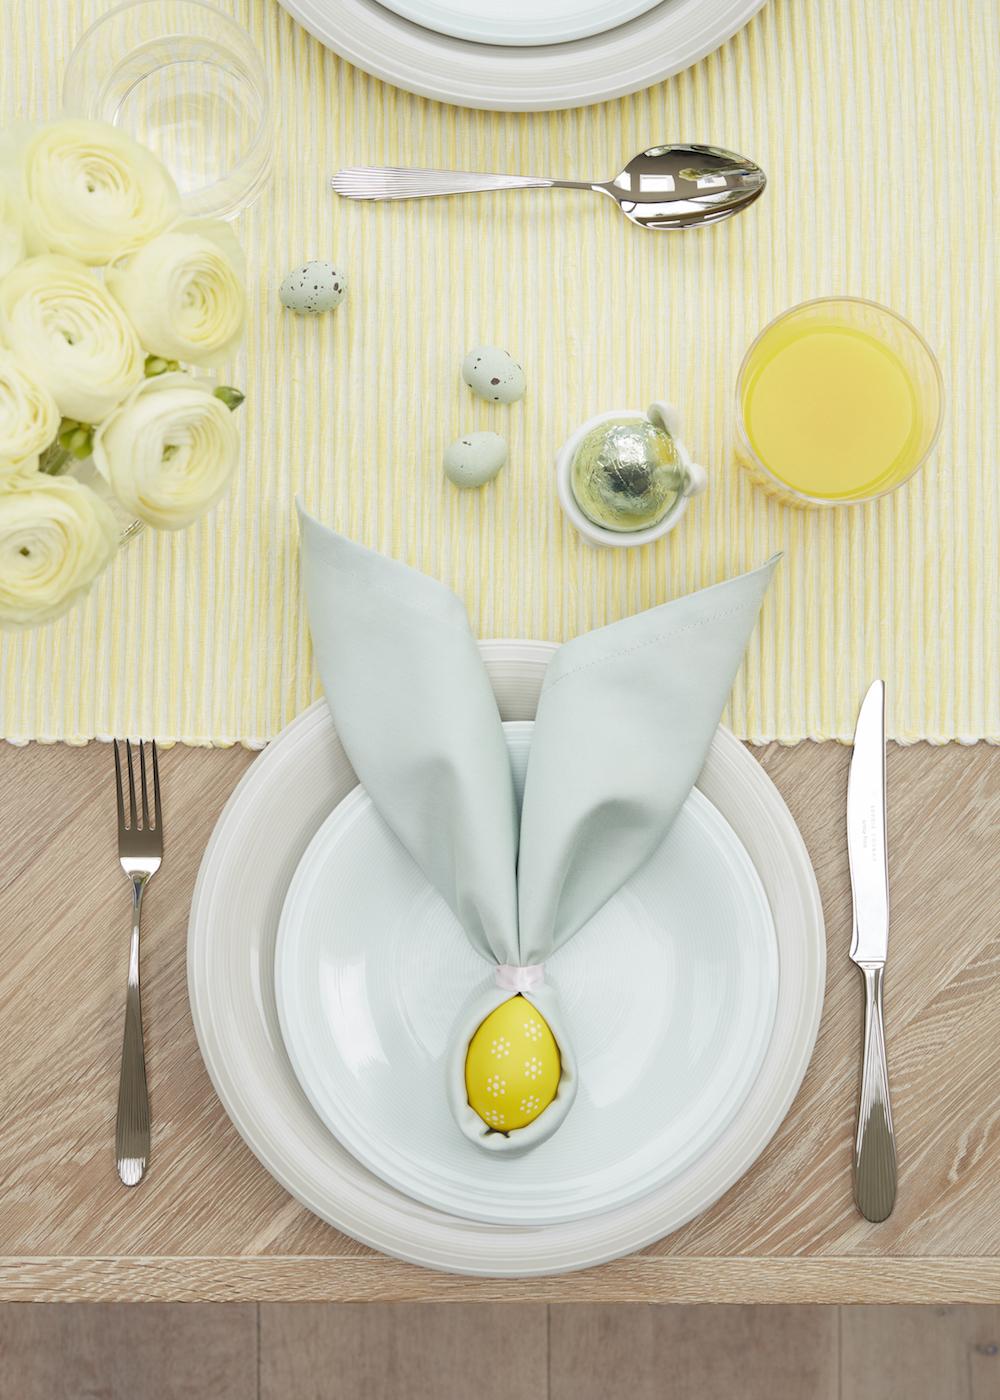 Napkin 'bunny ears'